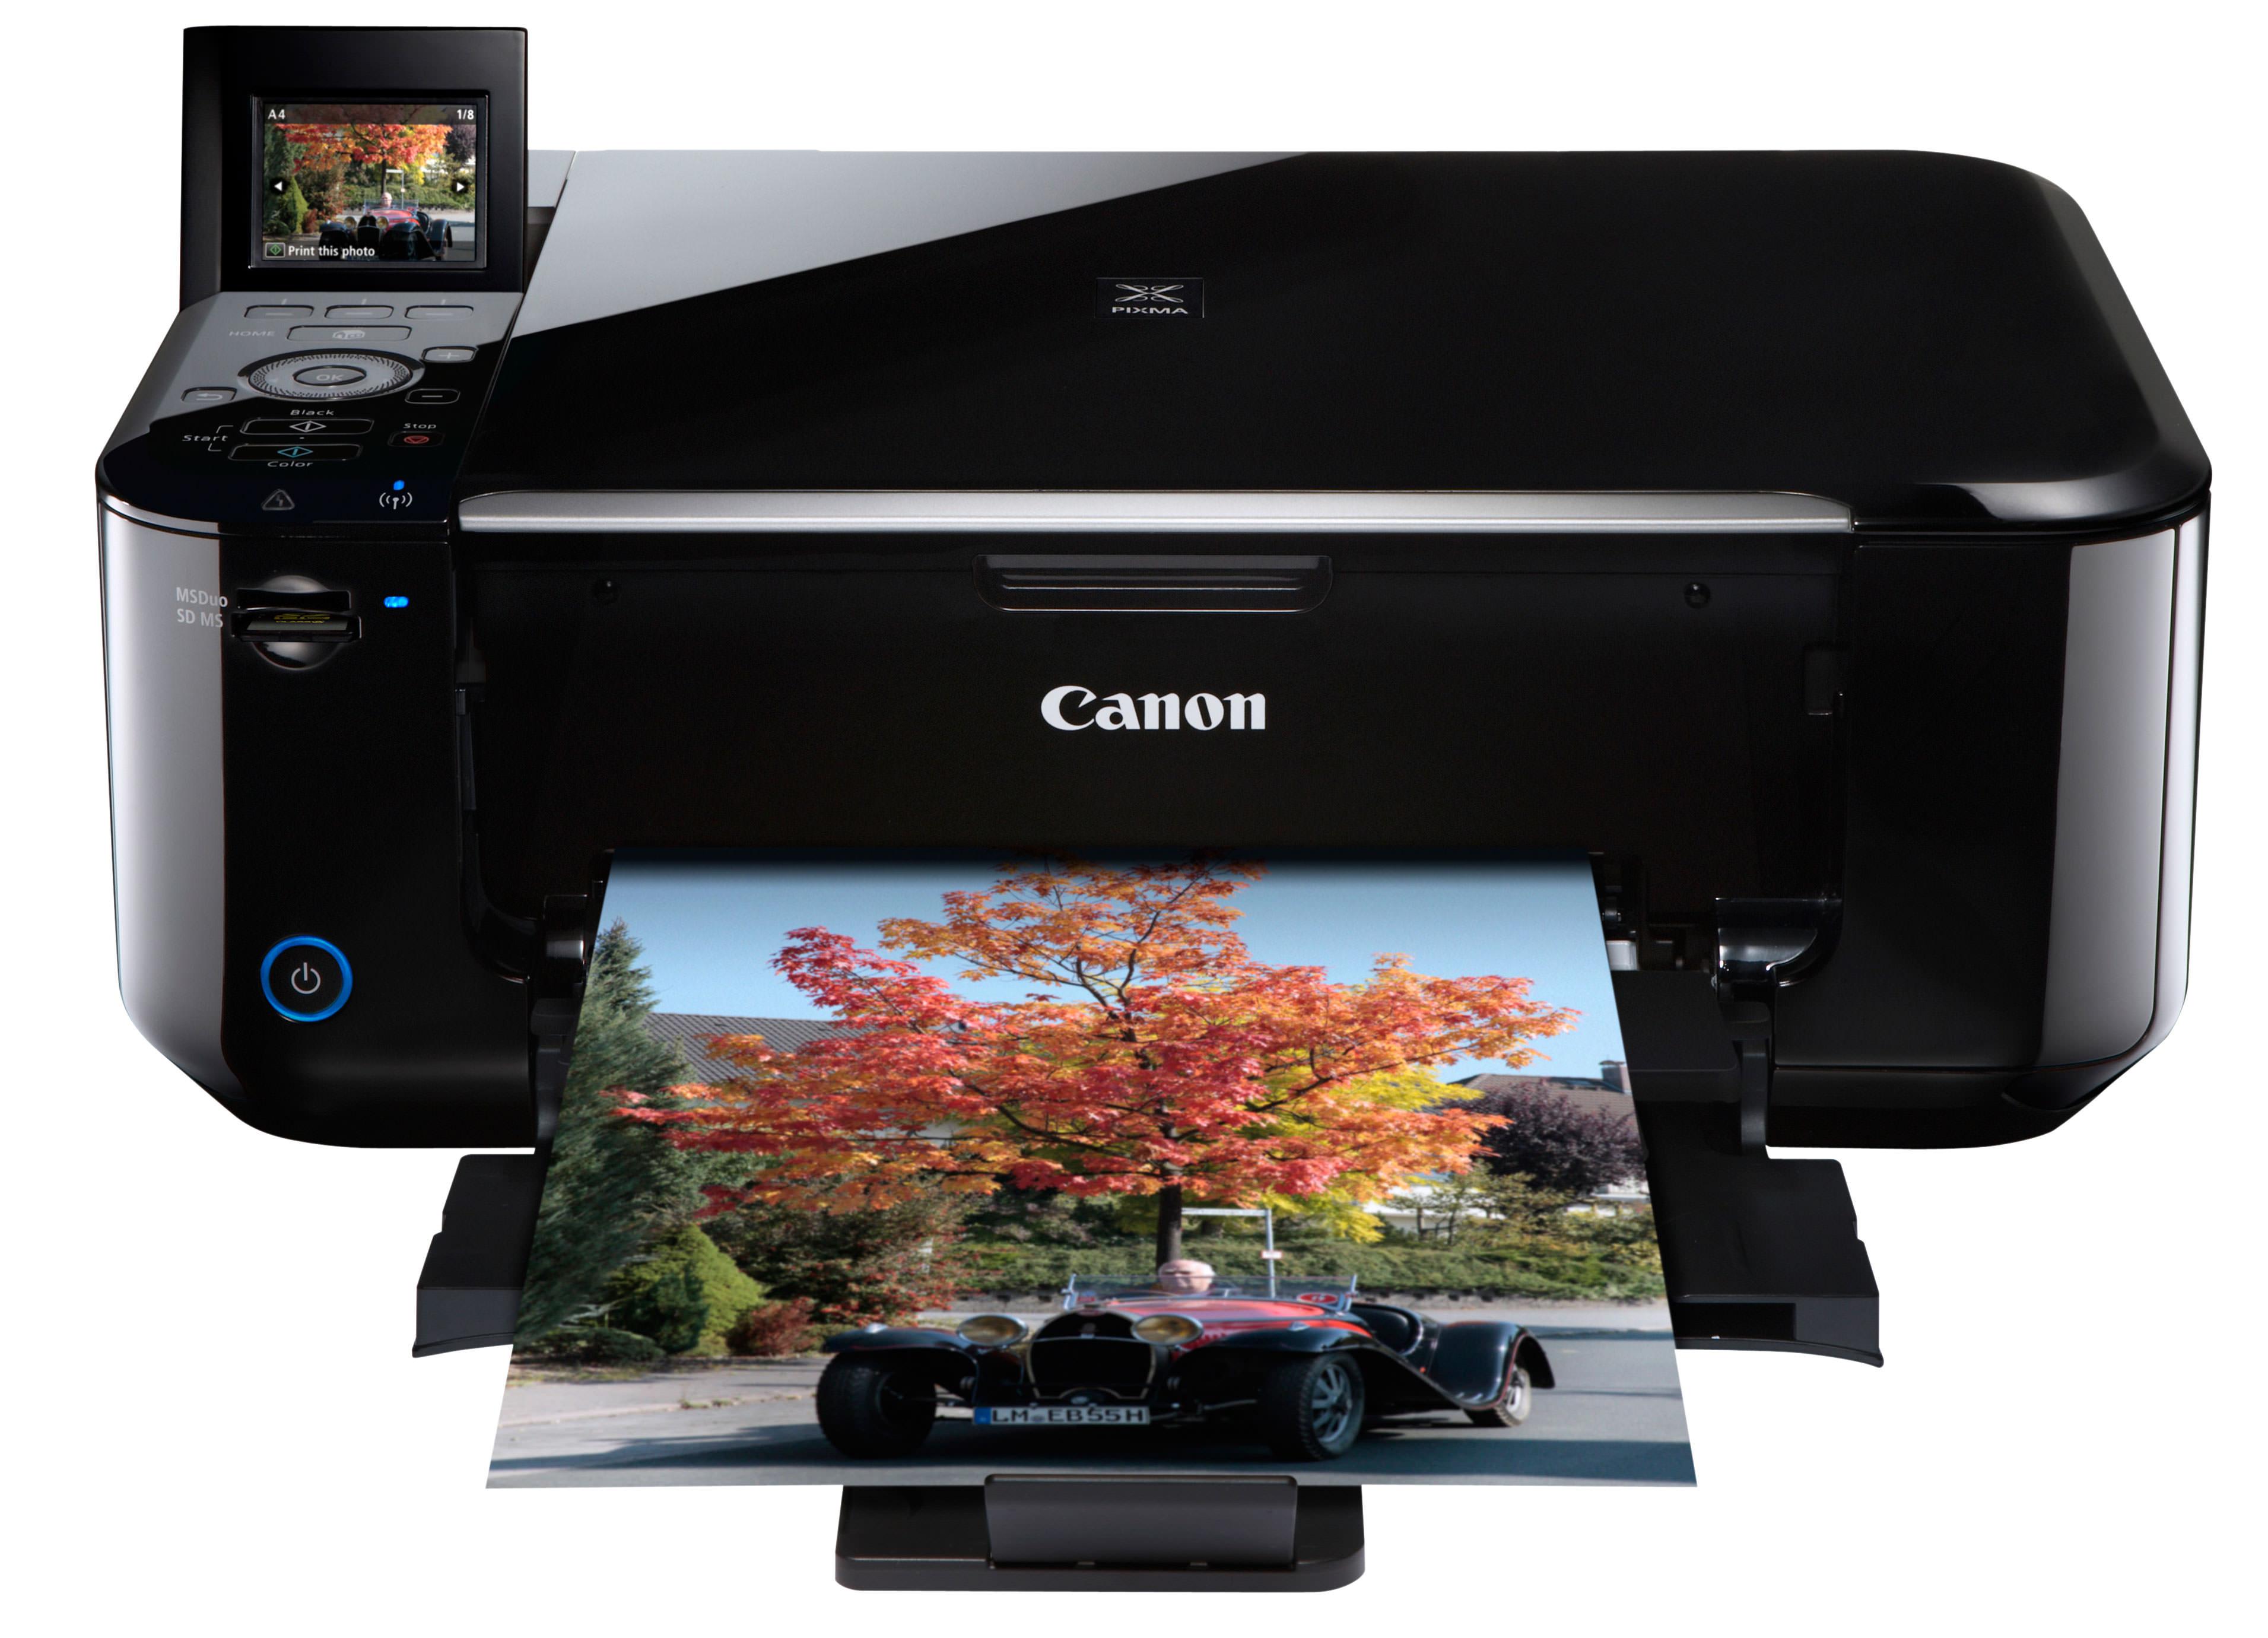 Canon Pixma Mg4150 All In One Printer